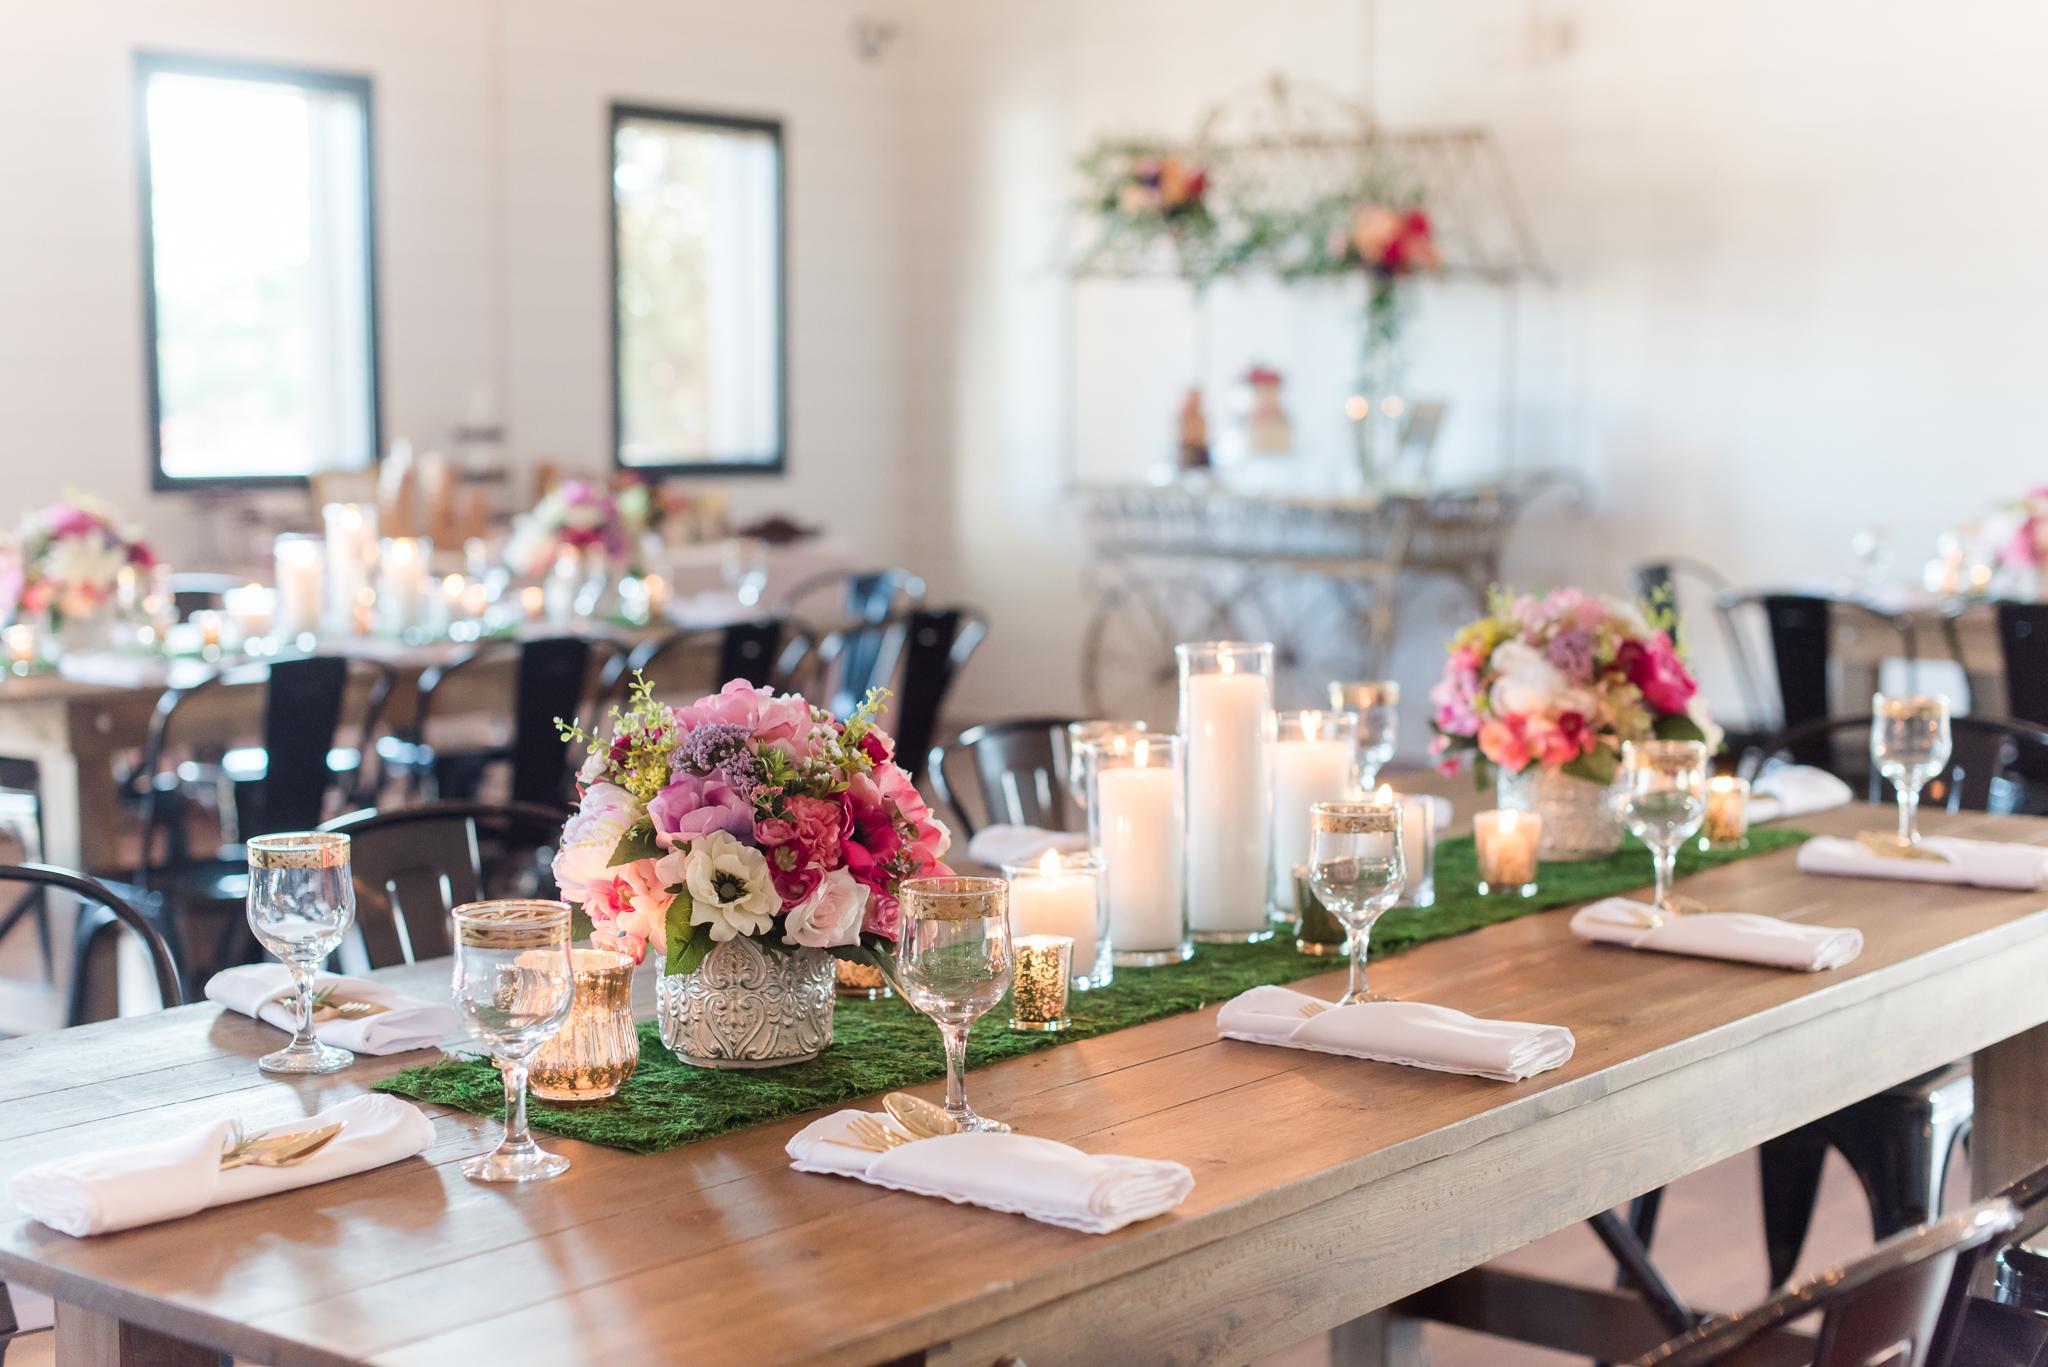 Wedding Reception at Bash in Carmel Indiana7880.jpg